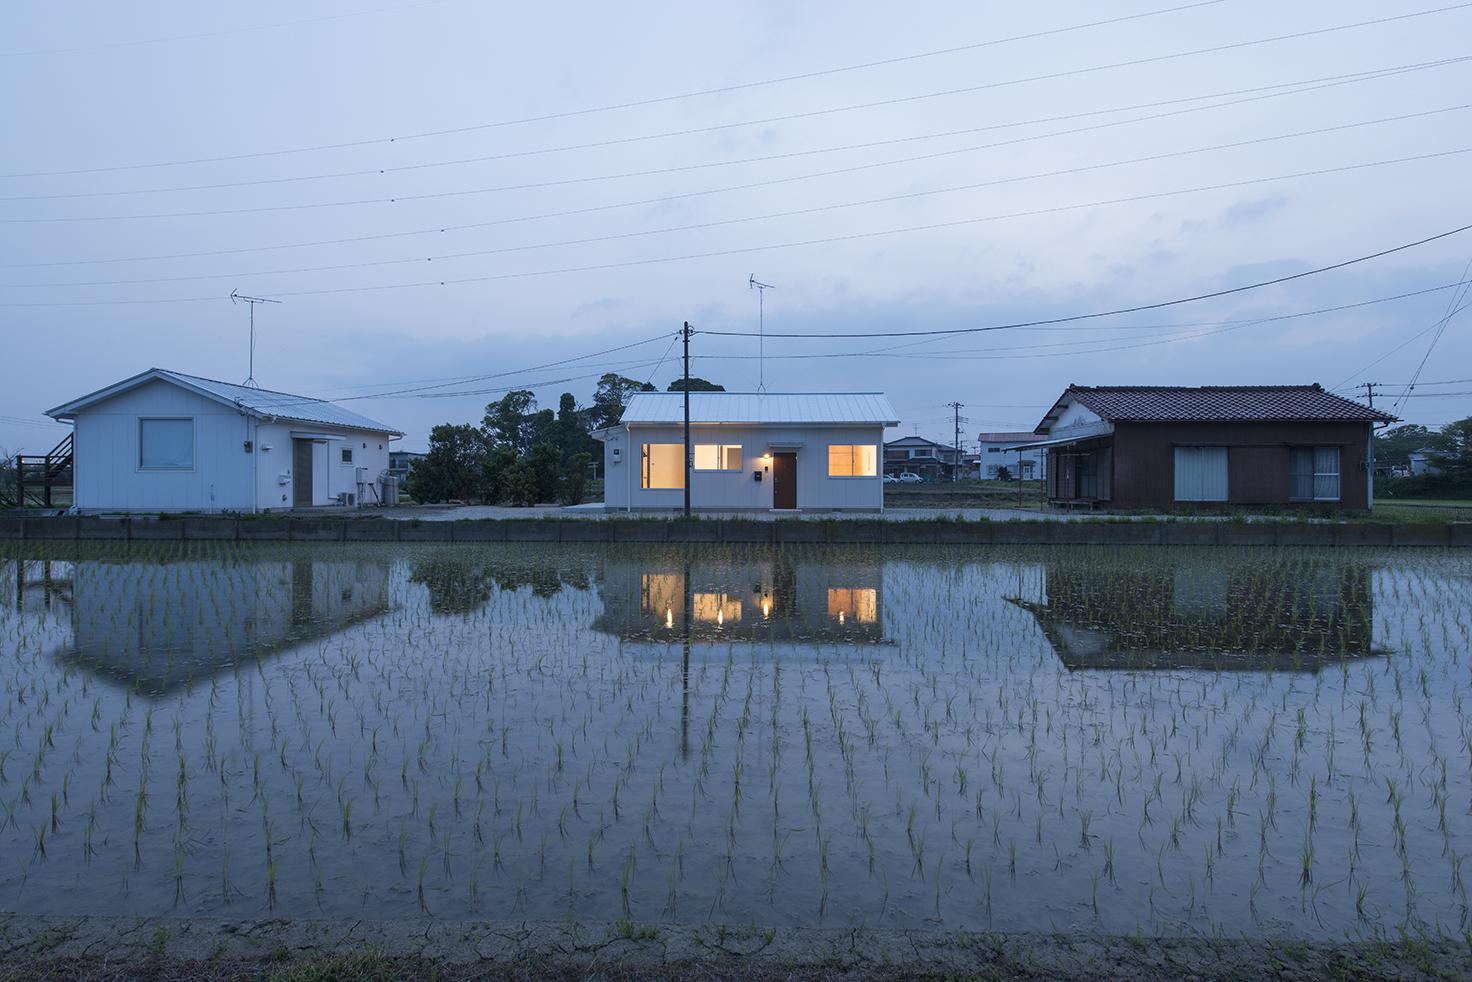 037_木更津の小さな家2